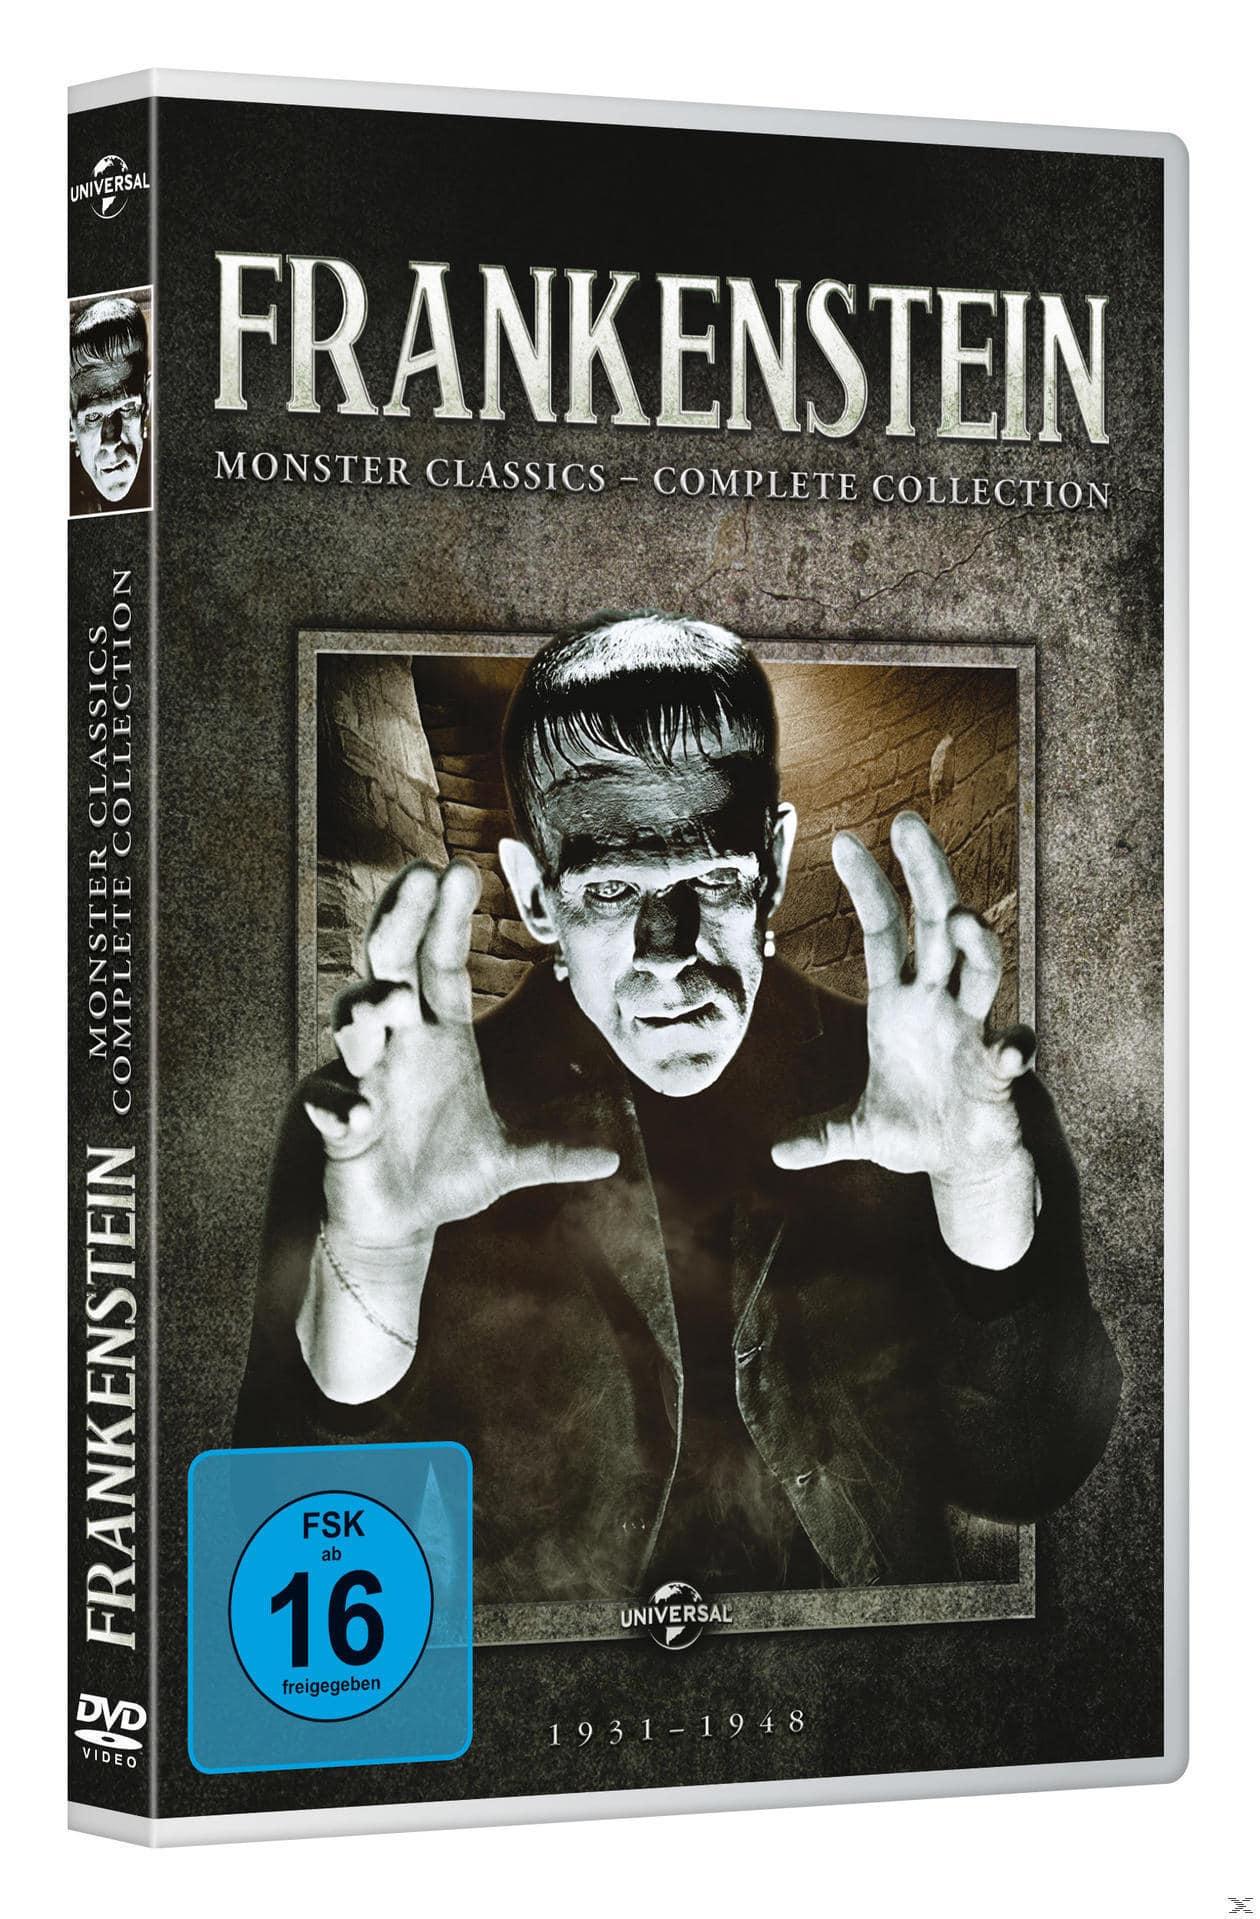 Frankenstein: Monster Classics - Complete Collection DVD-Box (DVD) für 27,99 Euro